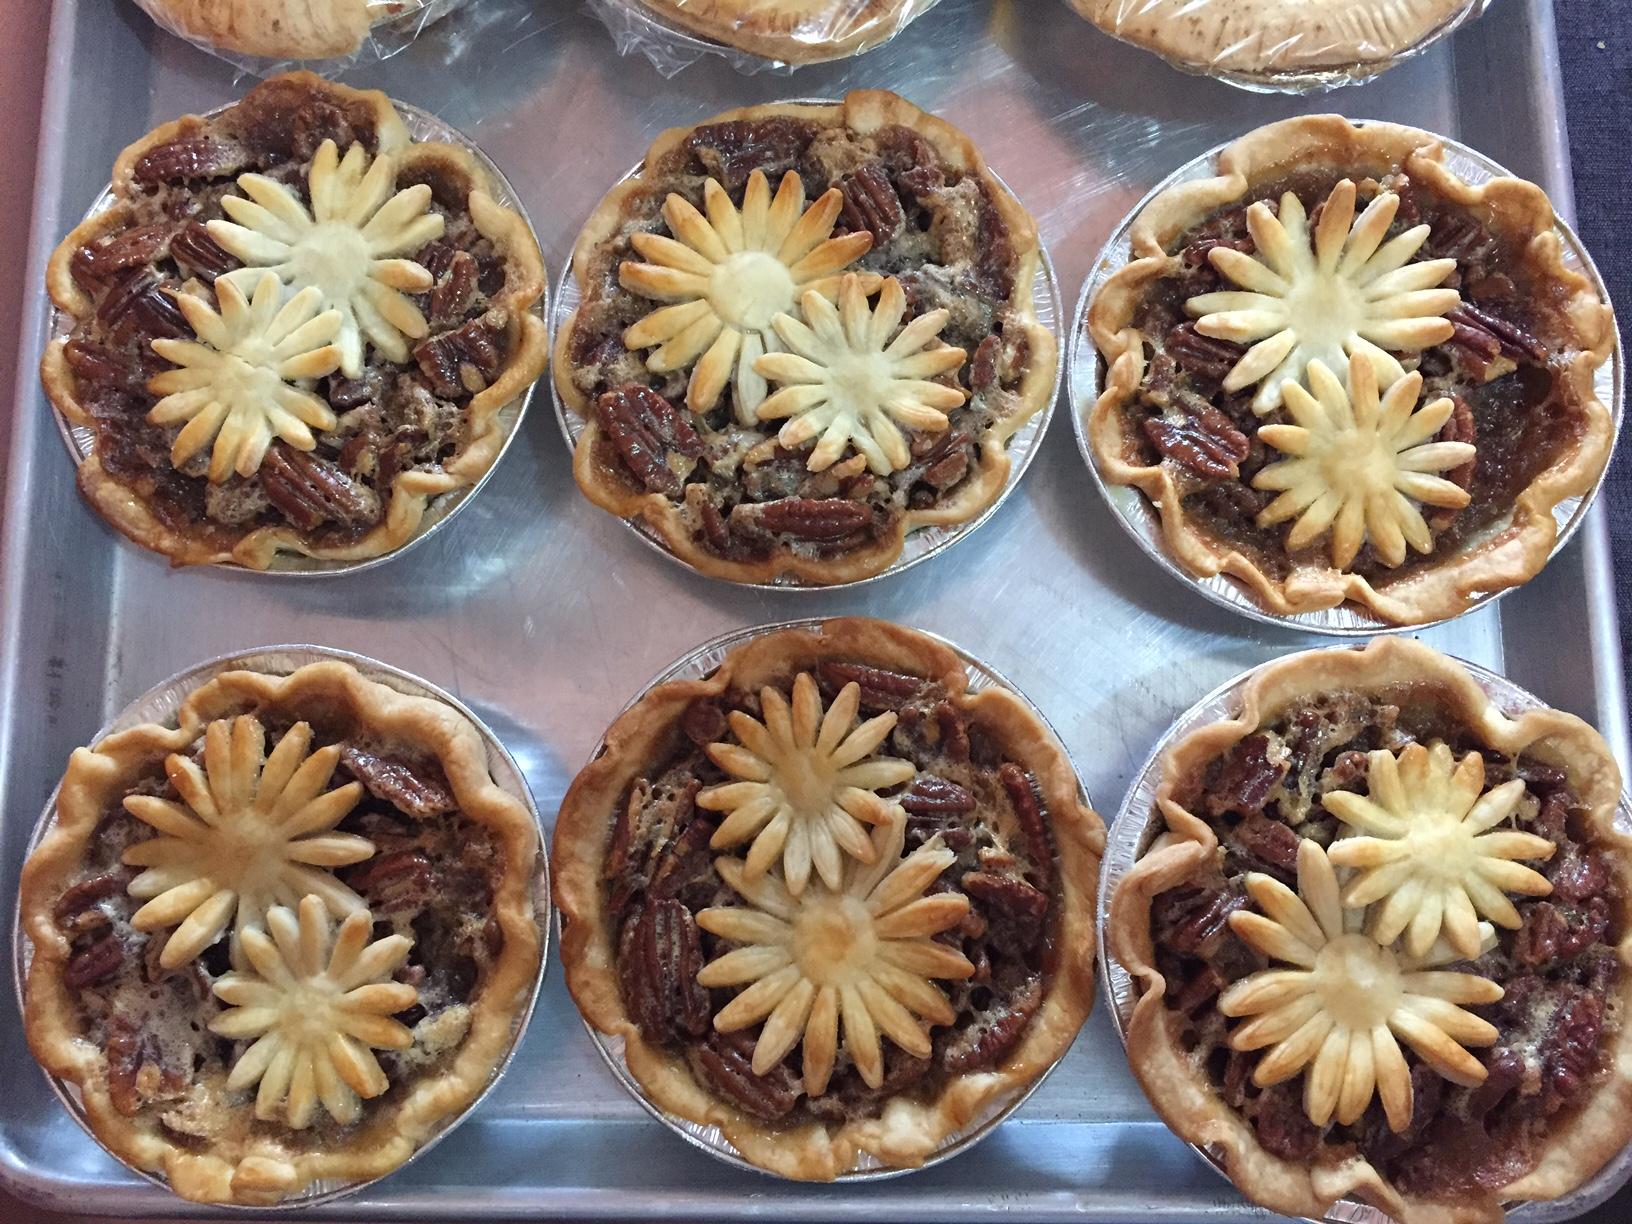 Maple Pecan Pies